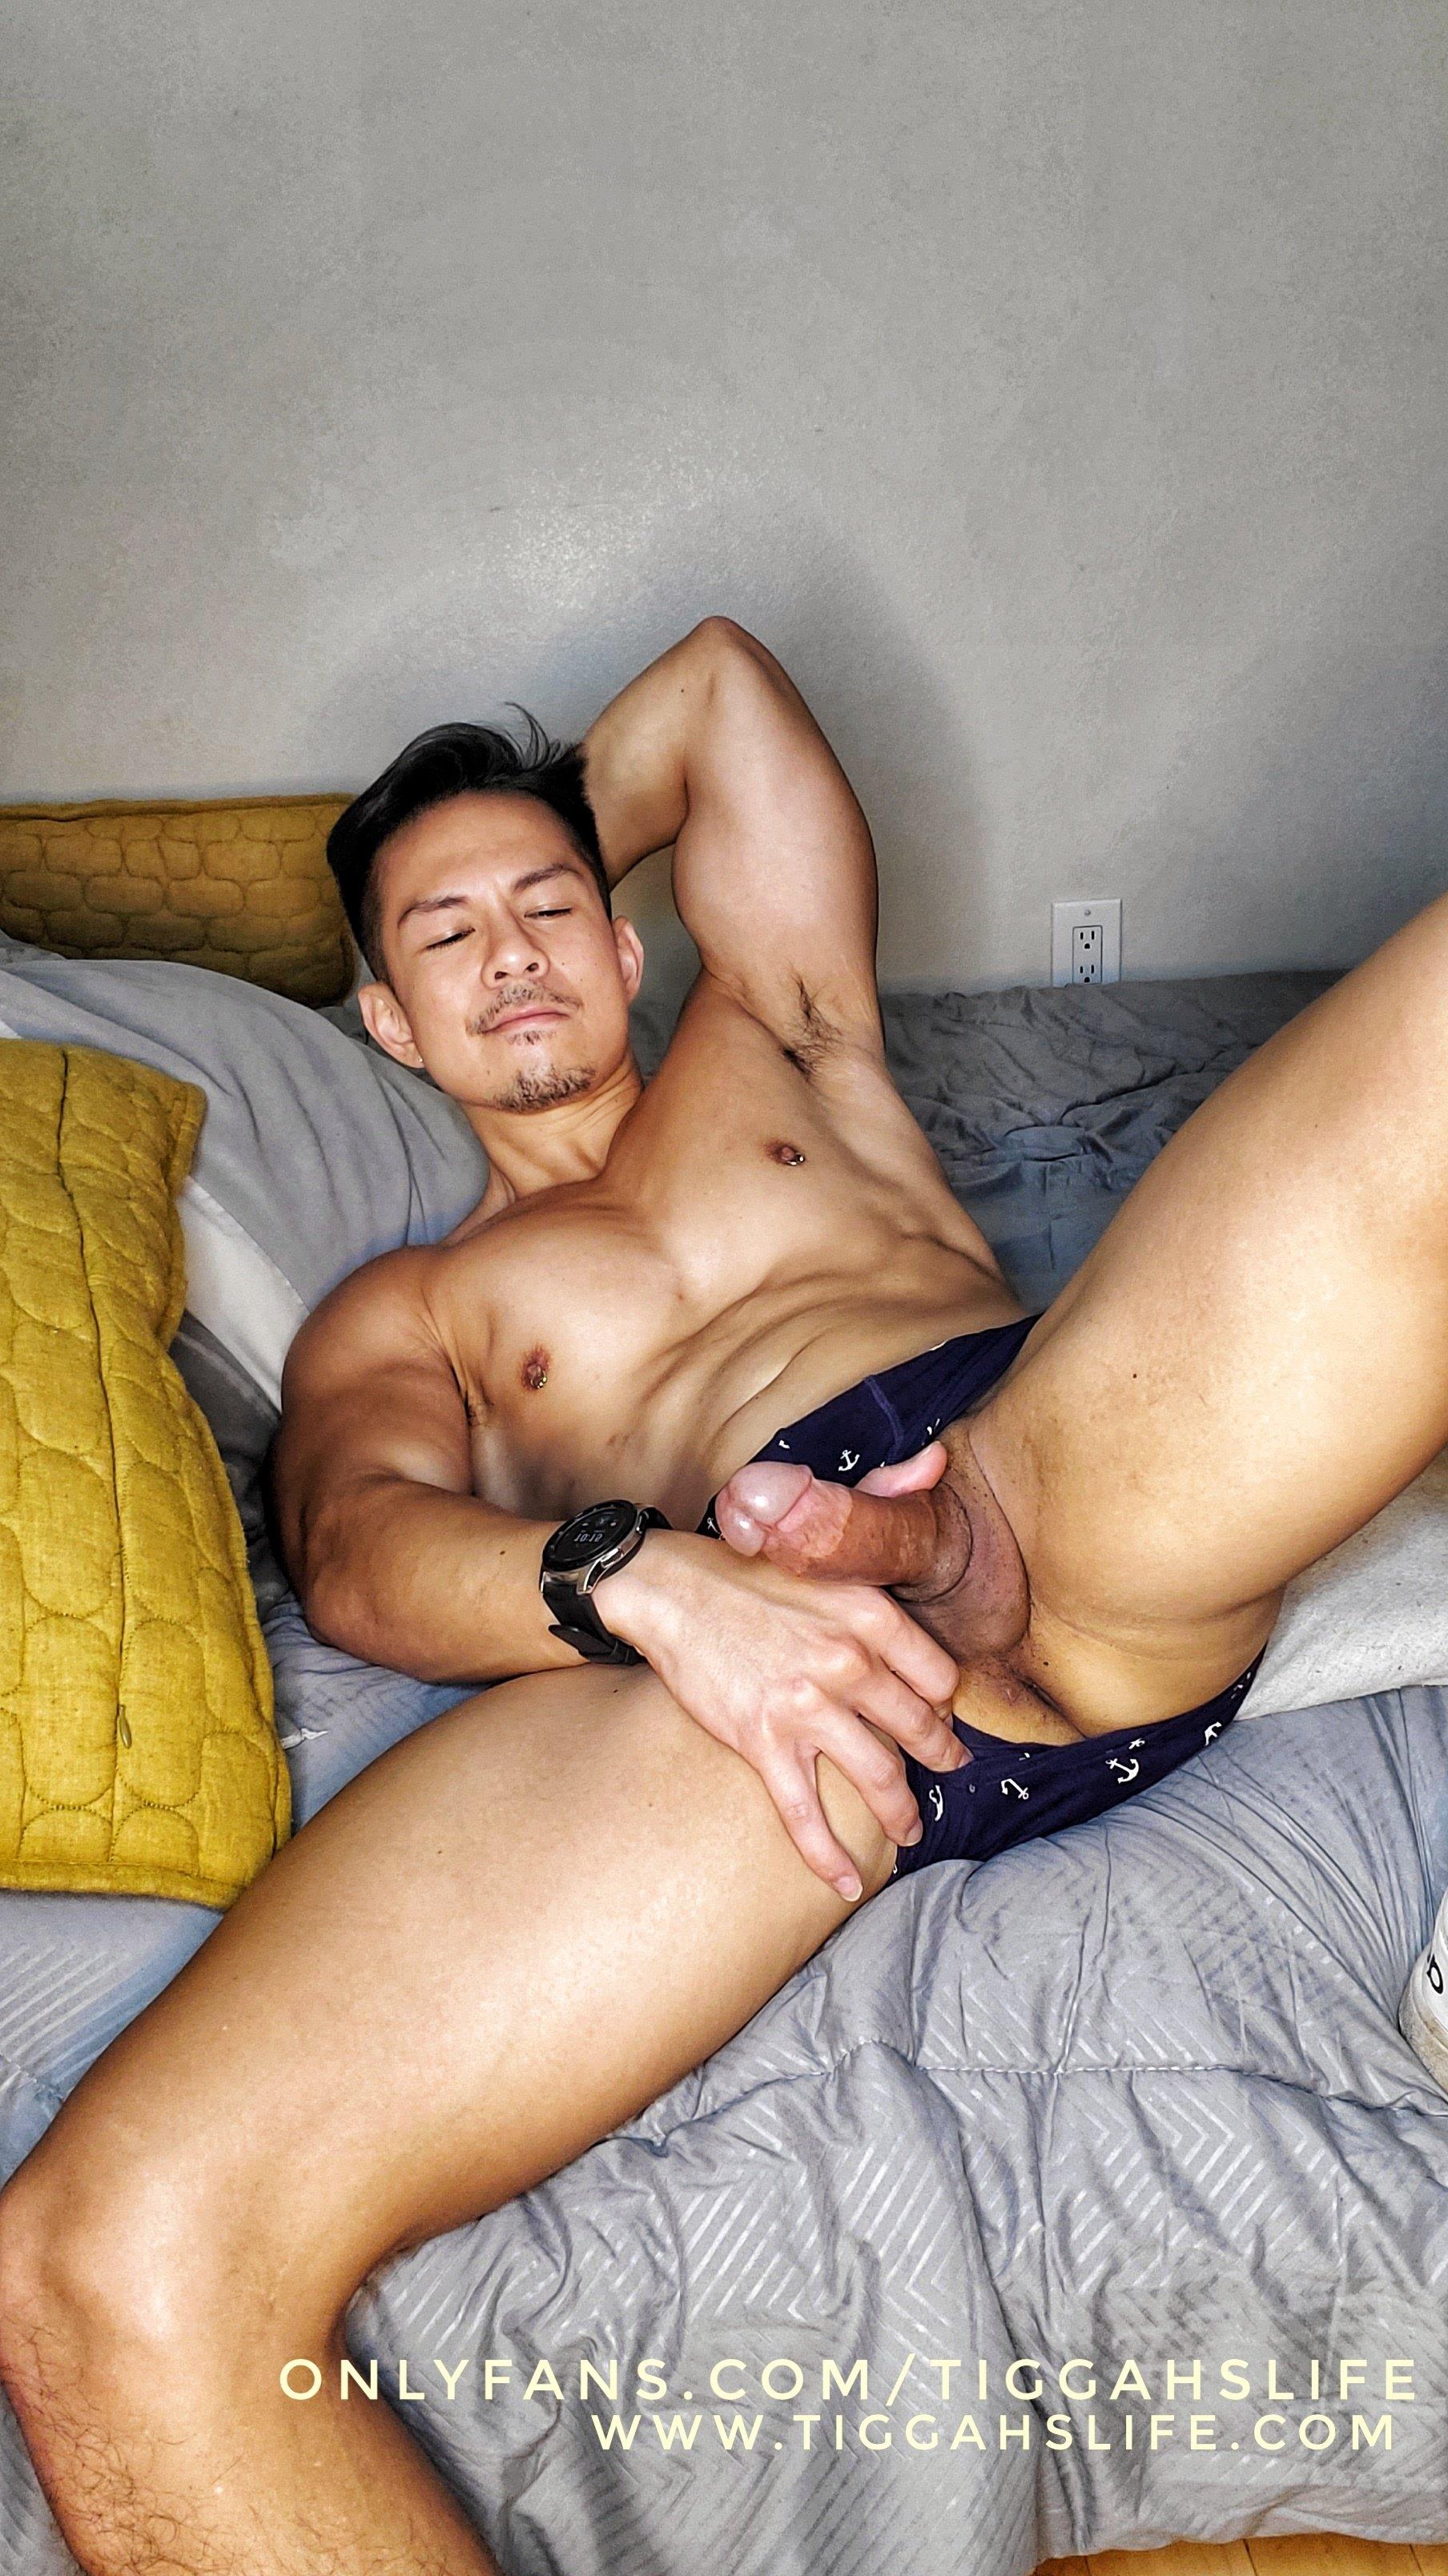 OF - tiggahslife, trung niên lực lưỡng & bạn trai (Non-sex)